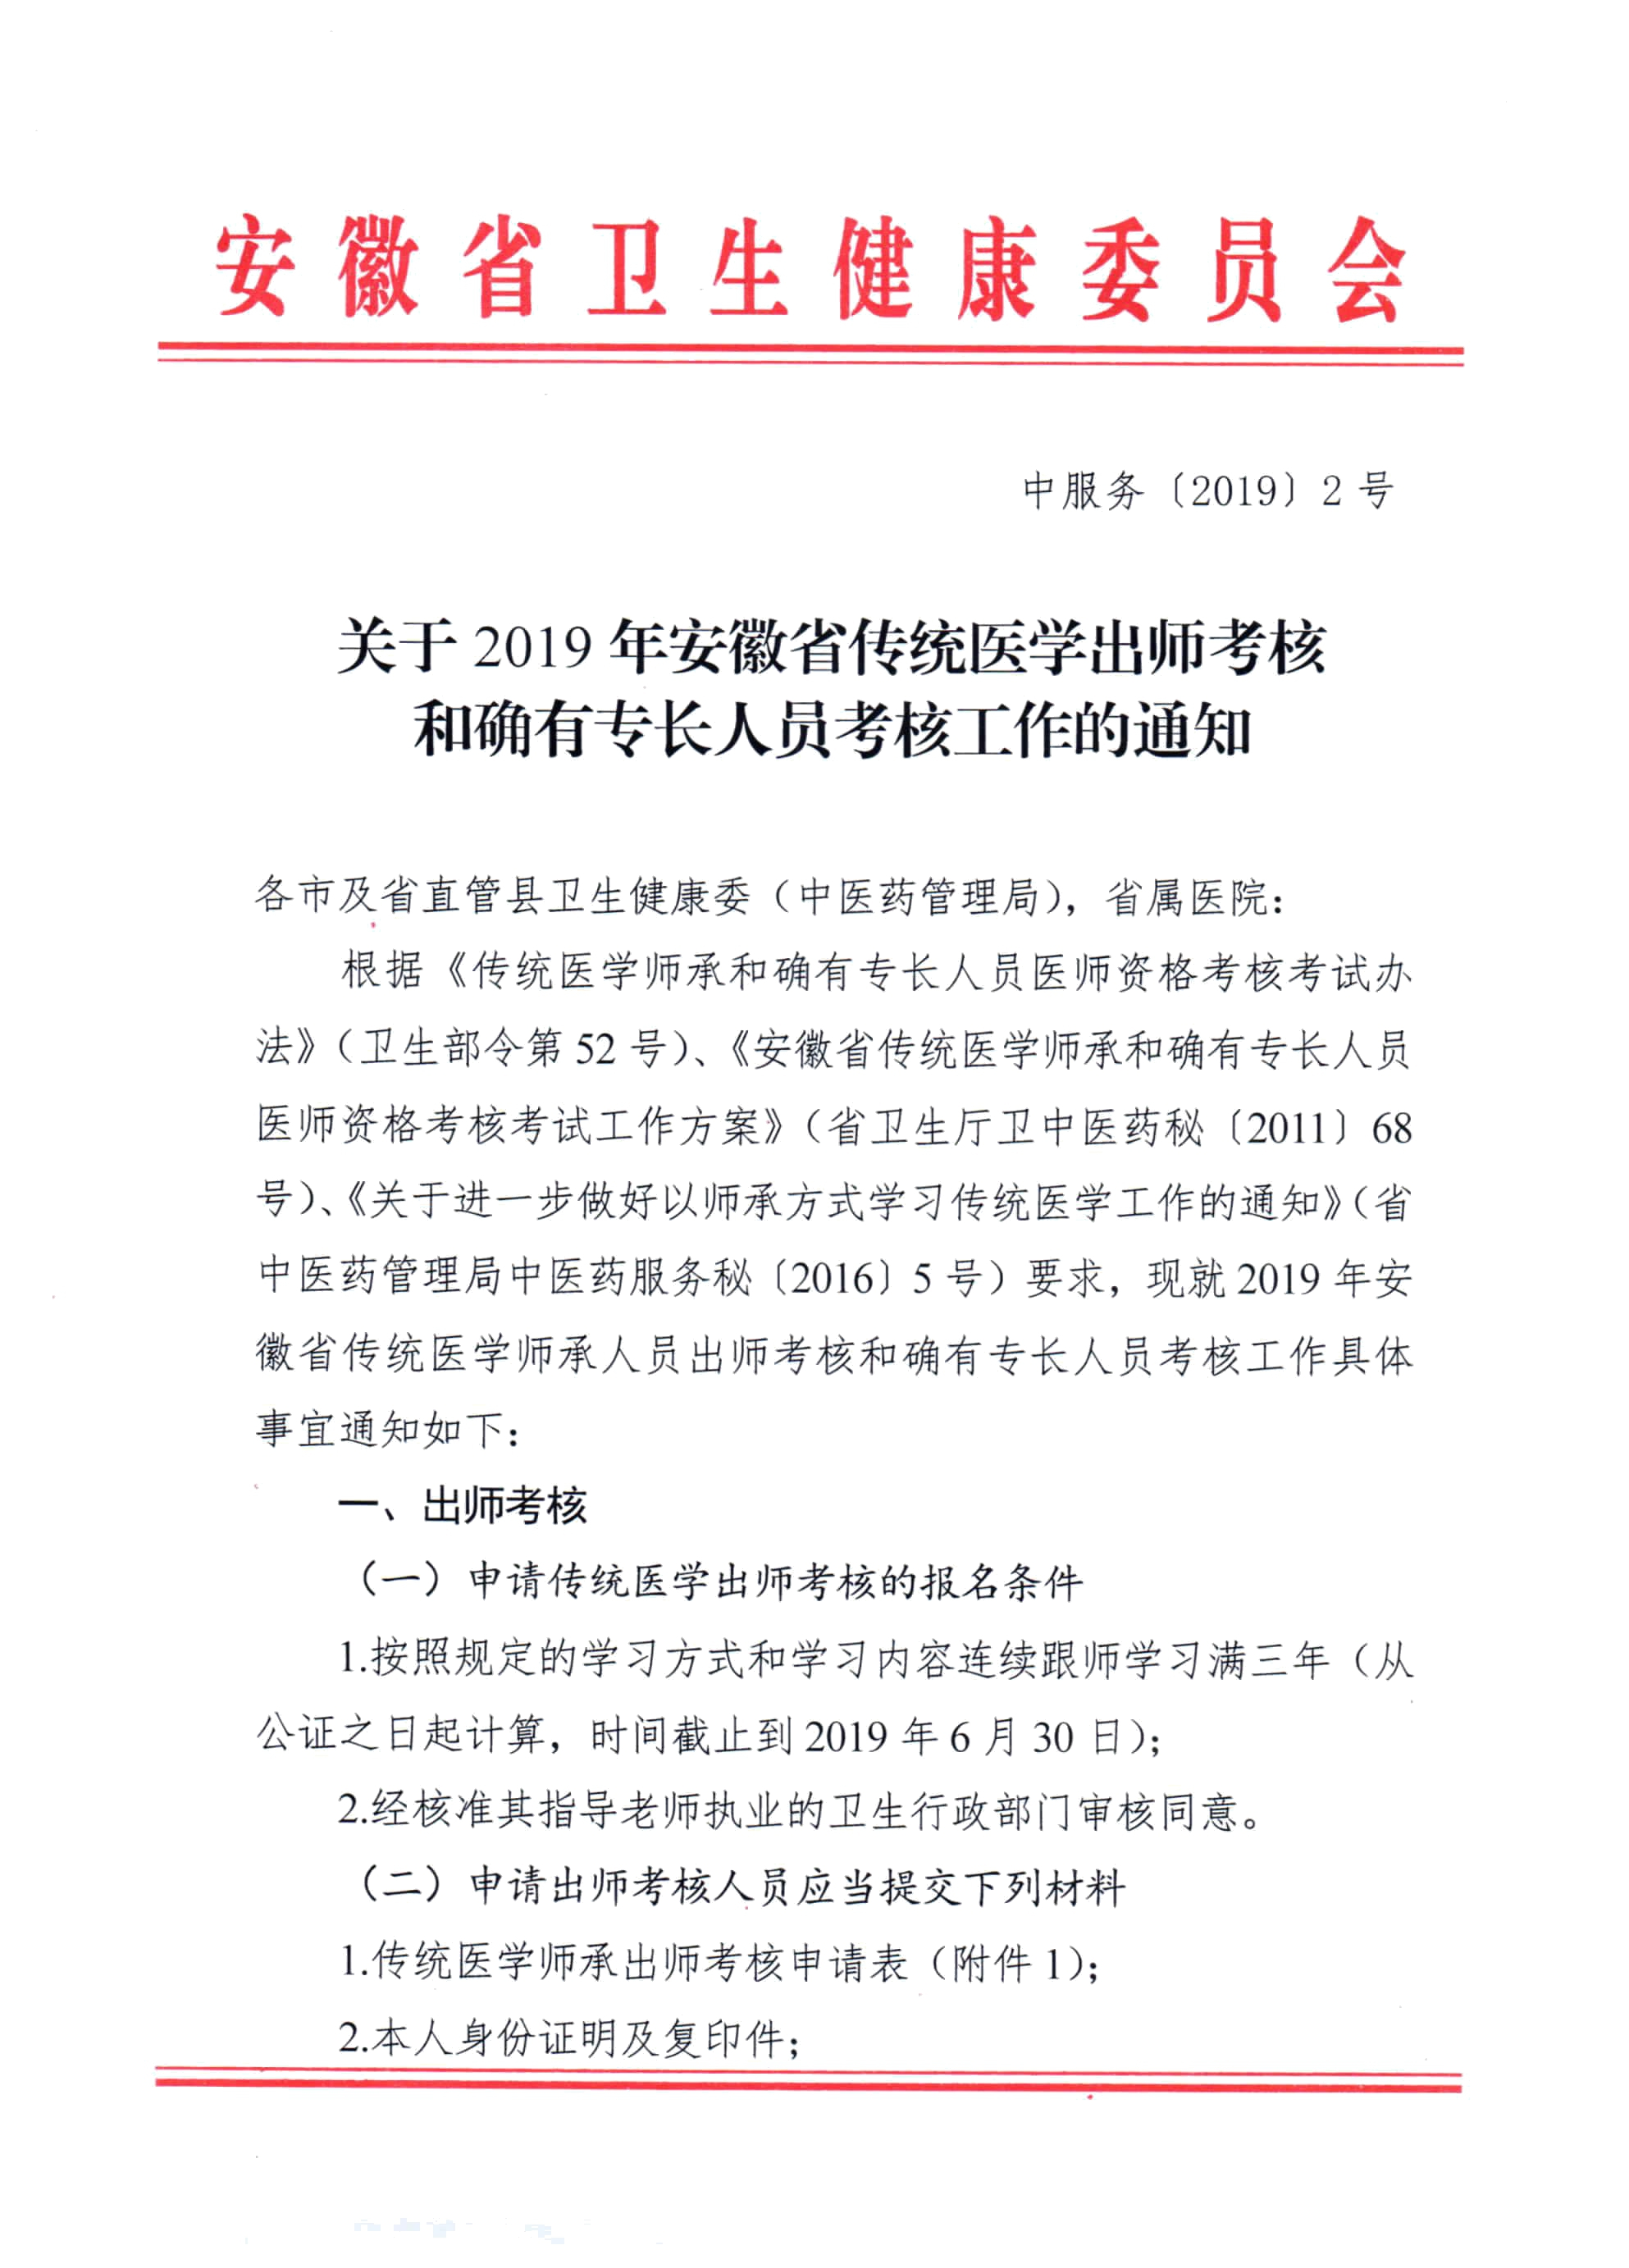 2019年安徽省传统医学出师考核和确有专长人员考核工作的通知1